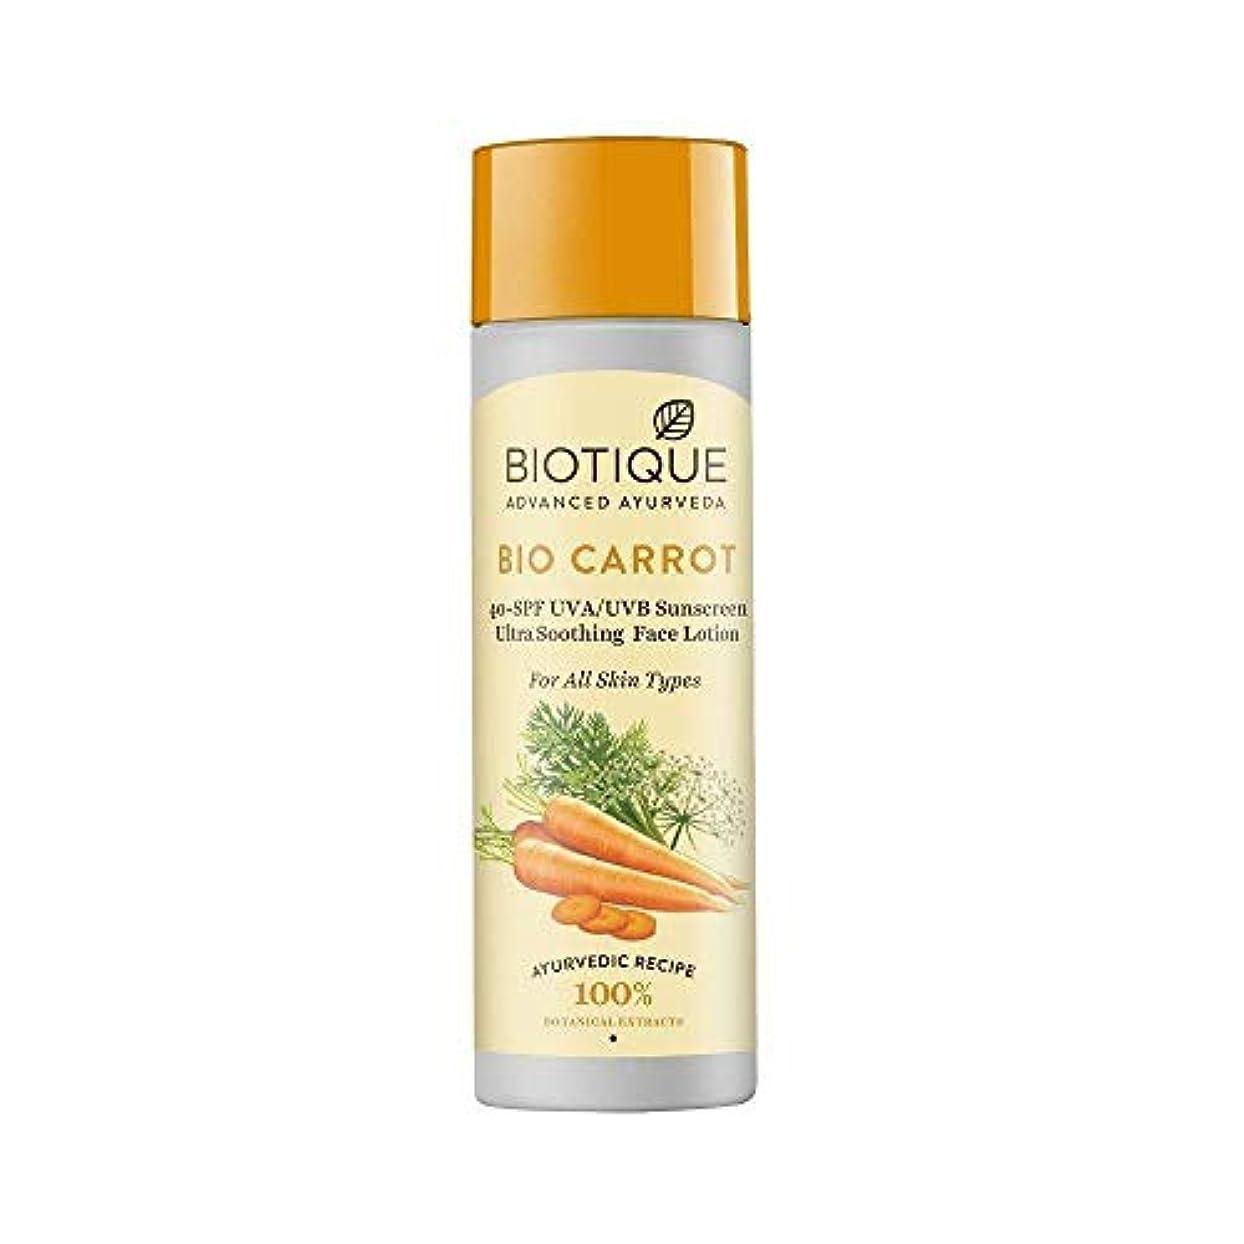 オーナースチール居間Biotique Bio Carrot Face & Body Sun Lotion SPF 40 UVA/UVB Sunscreen 190ml ビオティックバイオニンジンフェイス&ボディサンローションSPF 40 UVA/UVB日焼け止め